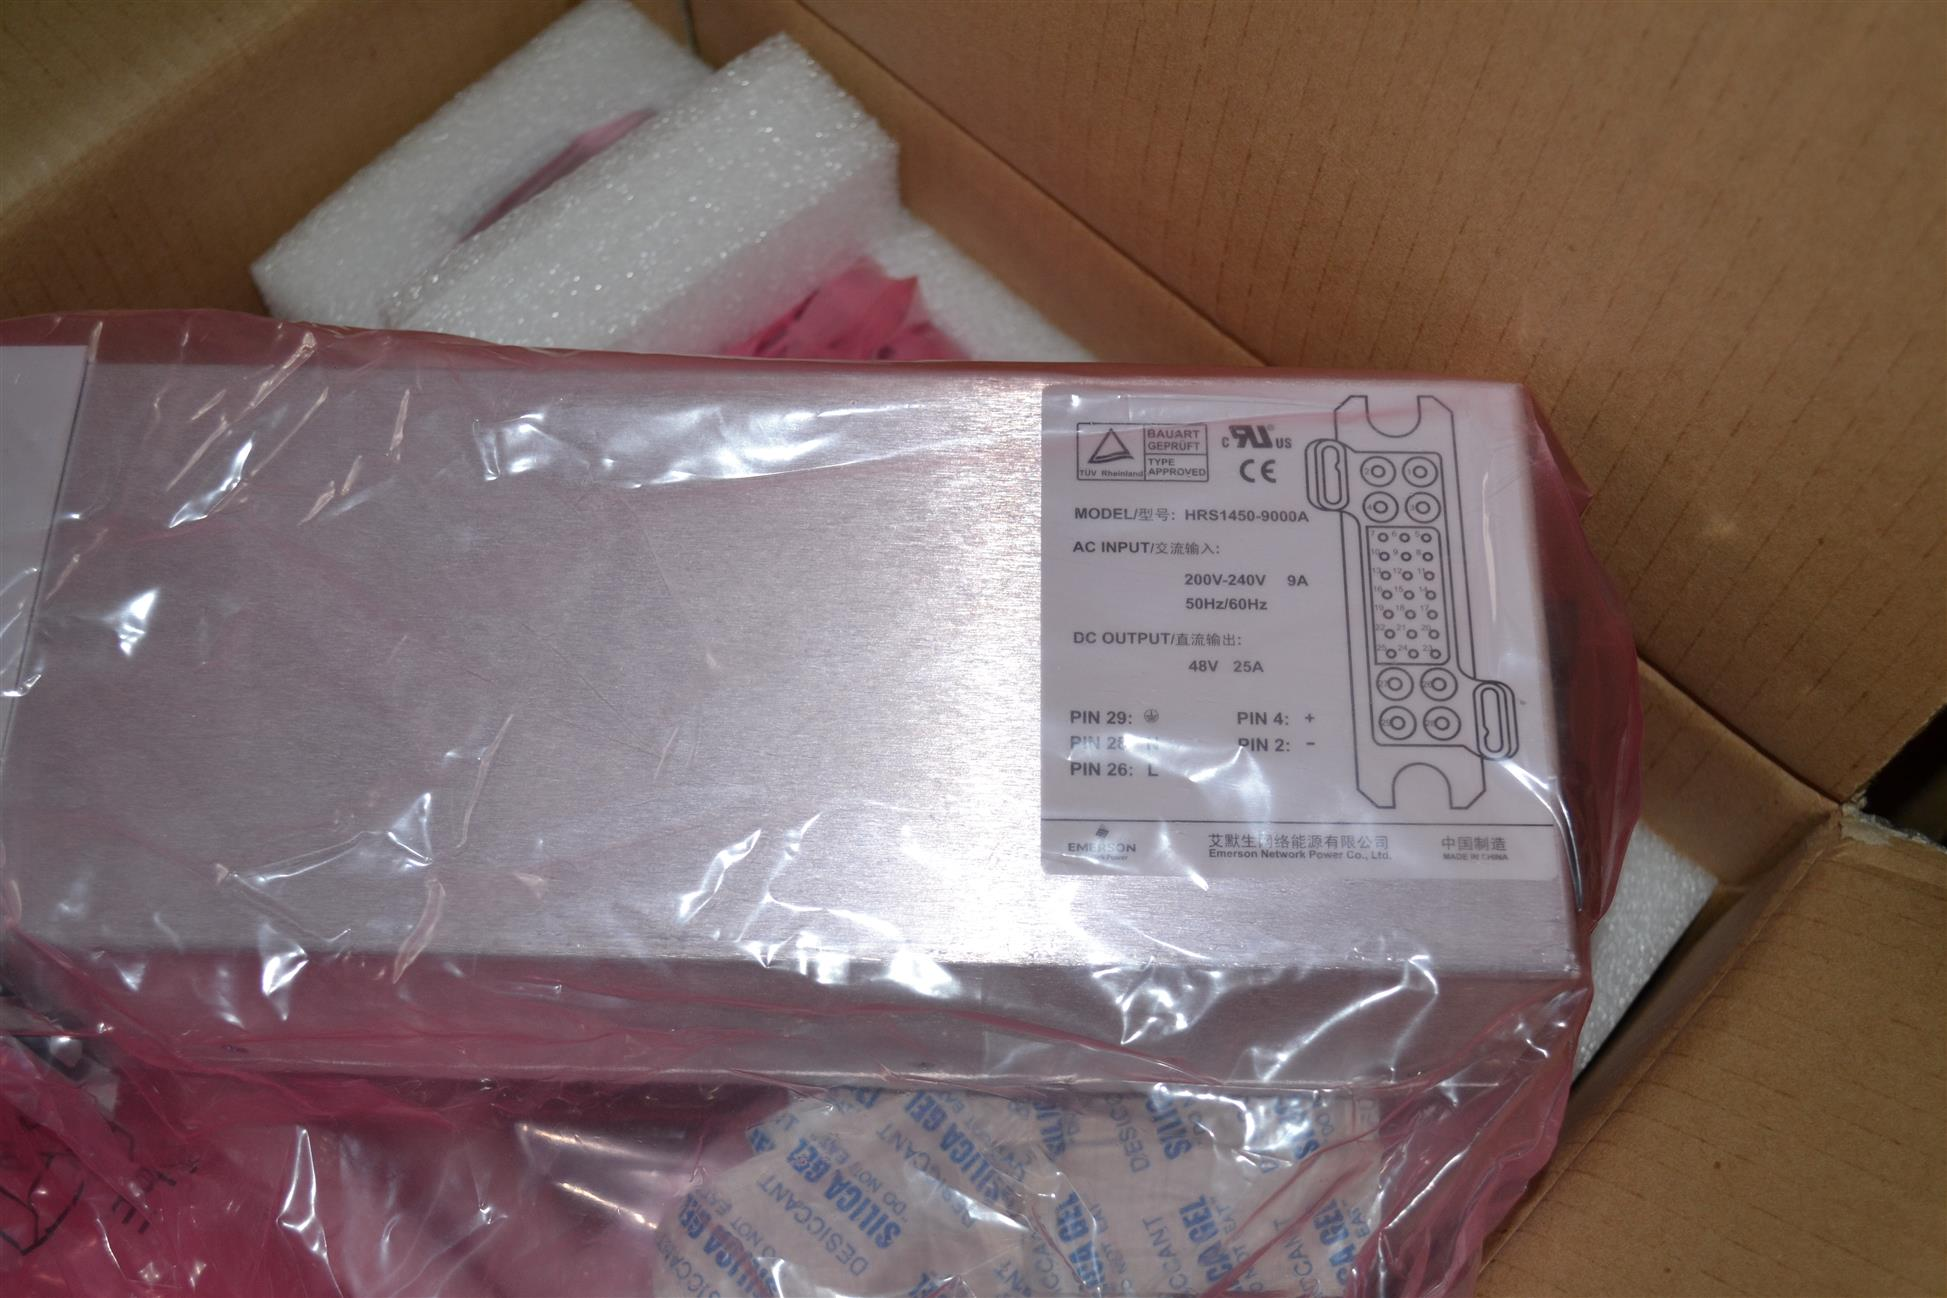 福州維諦HD4830-3嵌入式電源